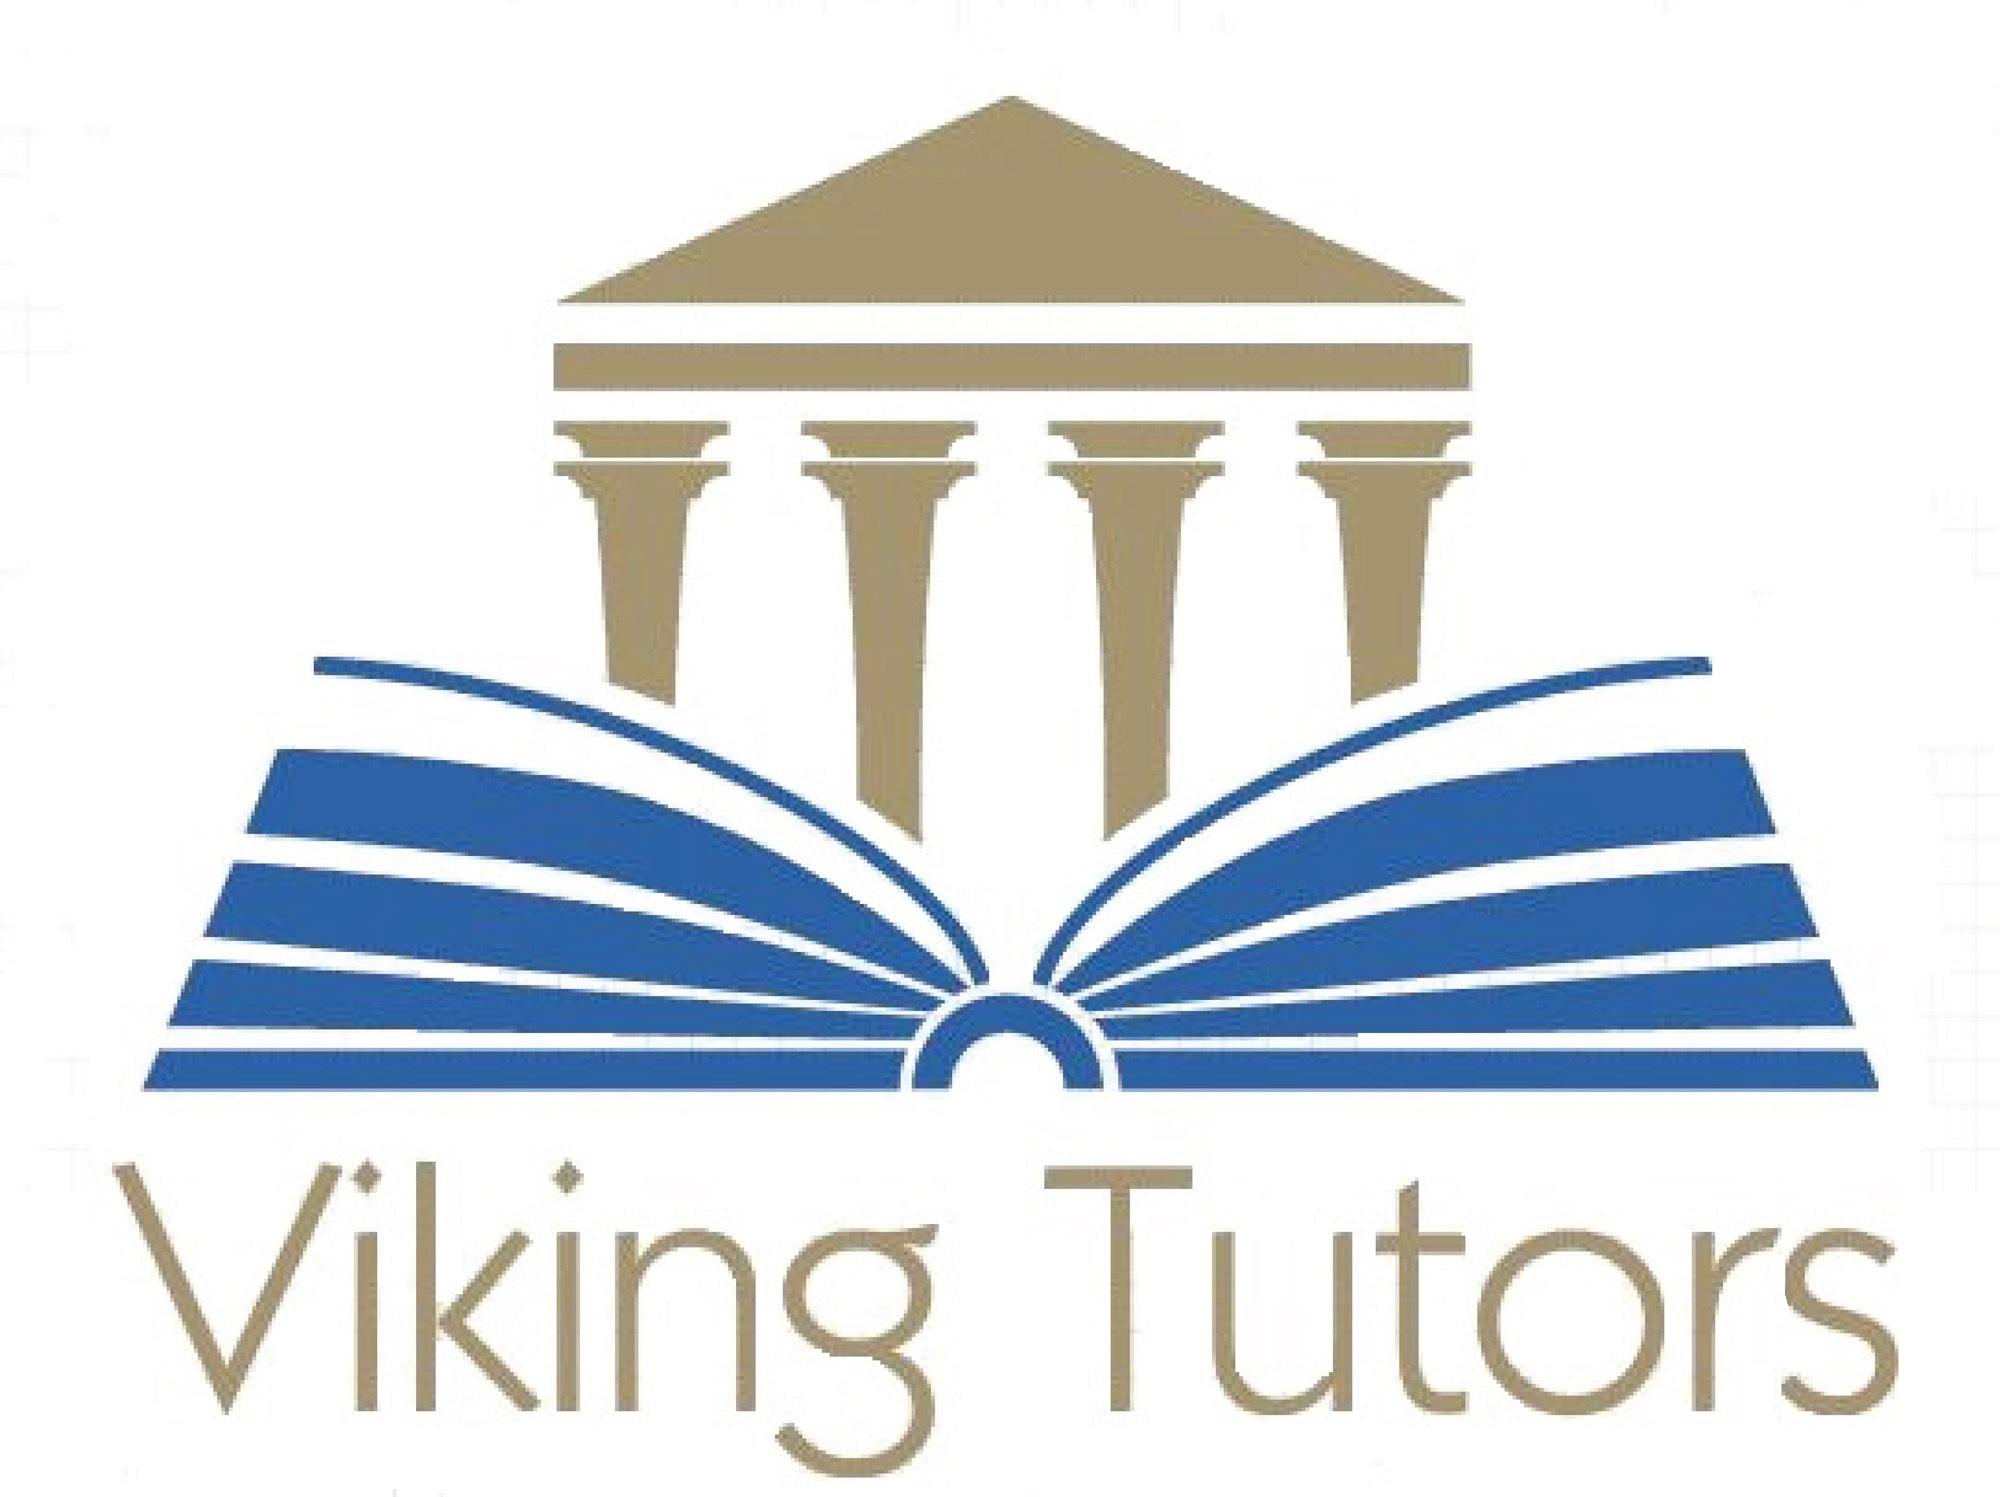 viking_tutors_better.jpg